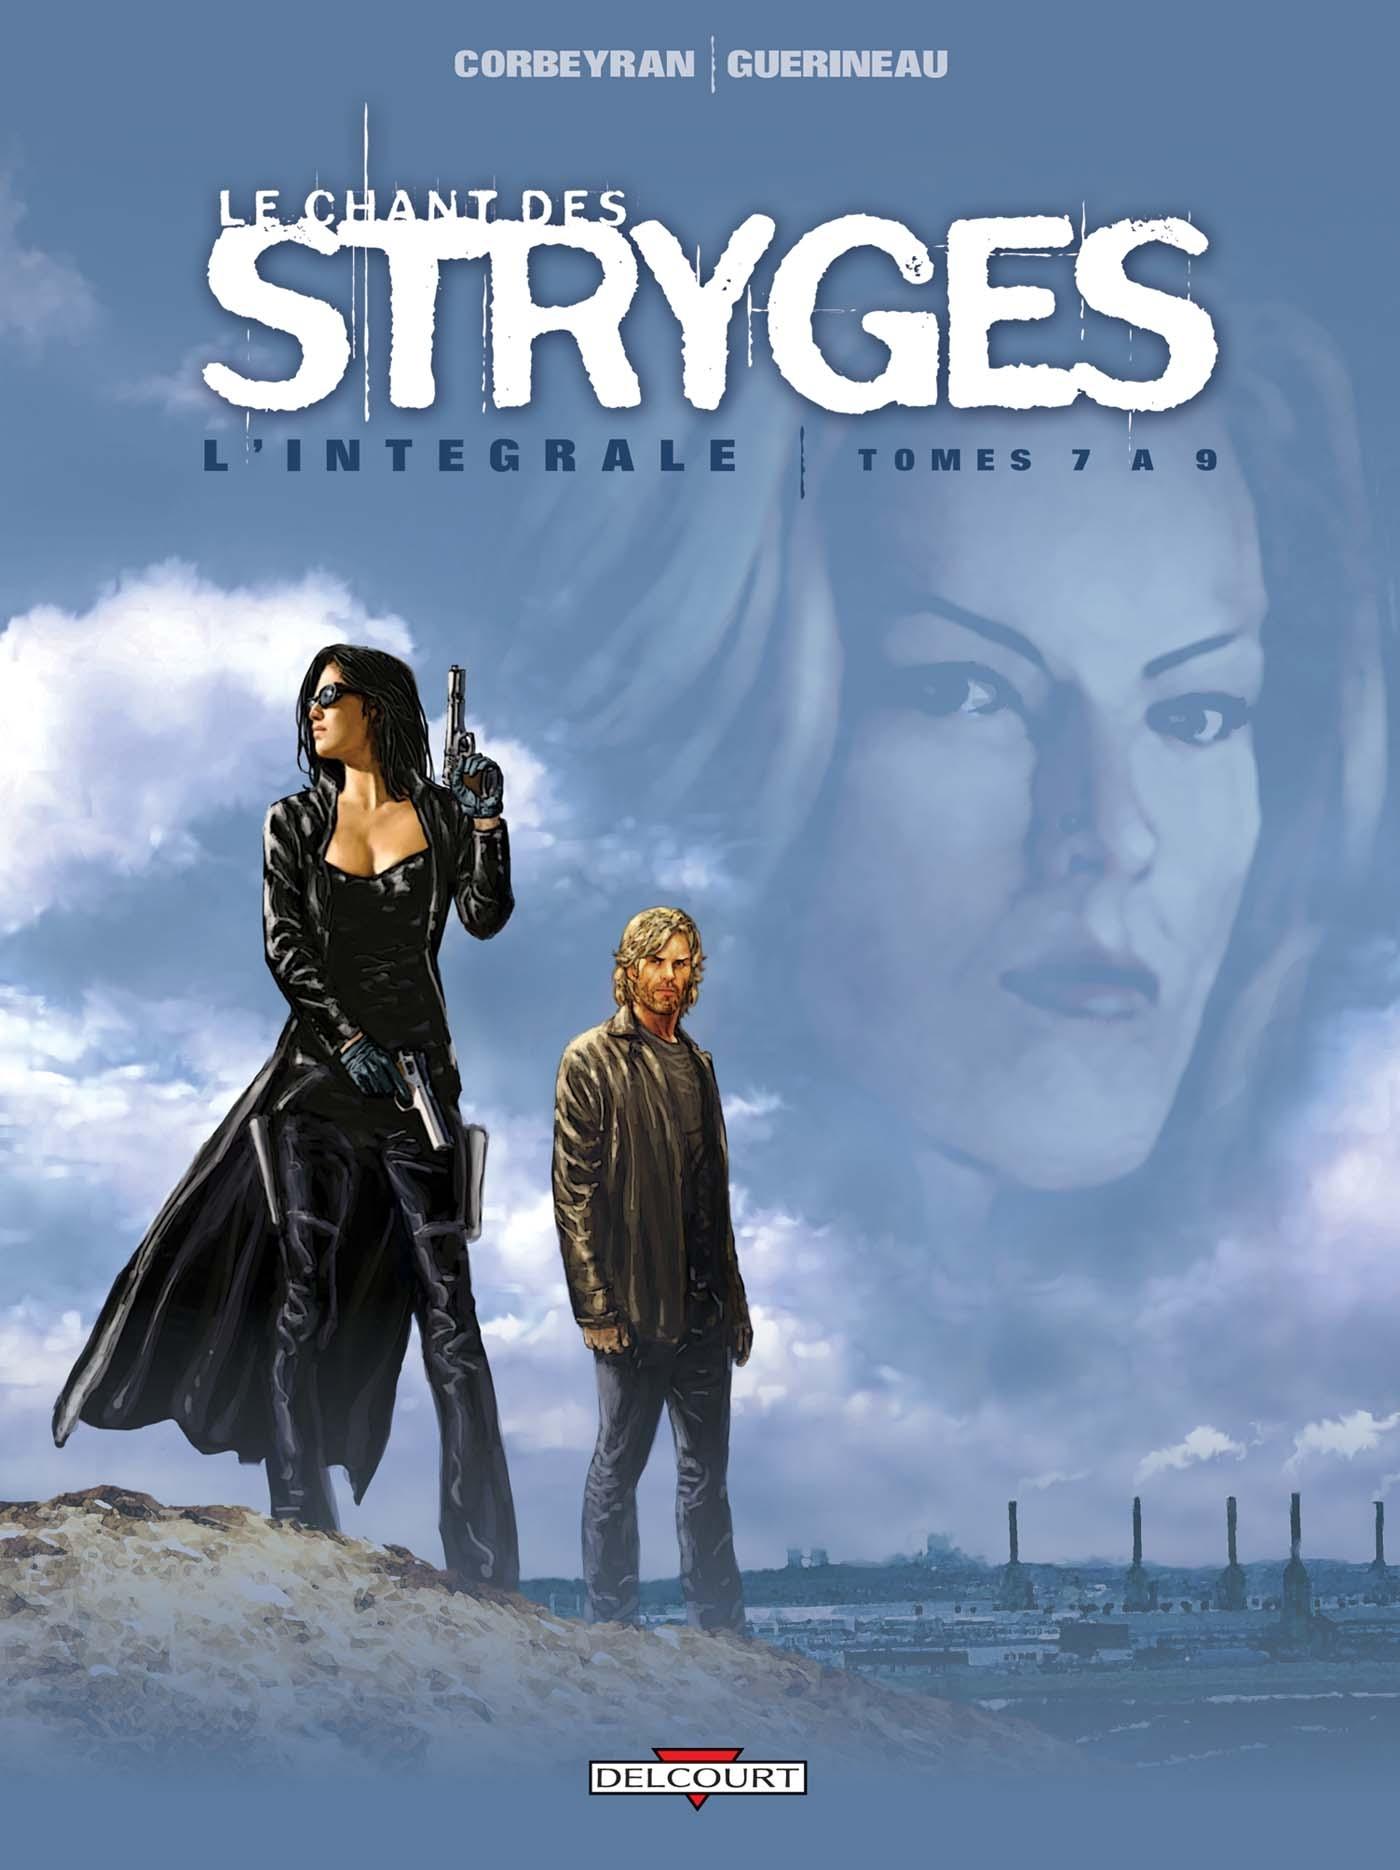 CHANT DES STRYGES INTEGRALE T07 A T09